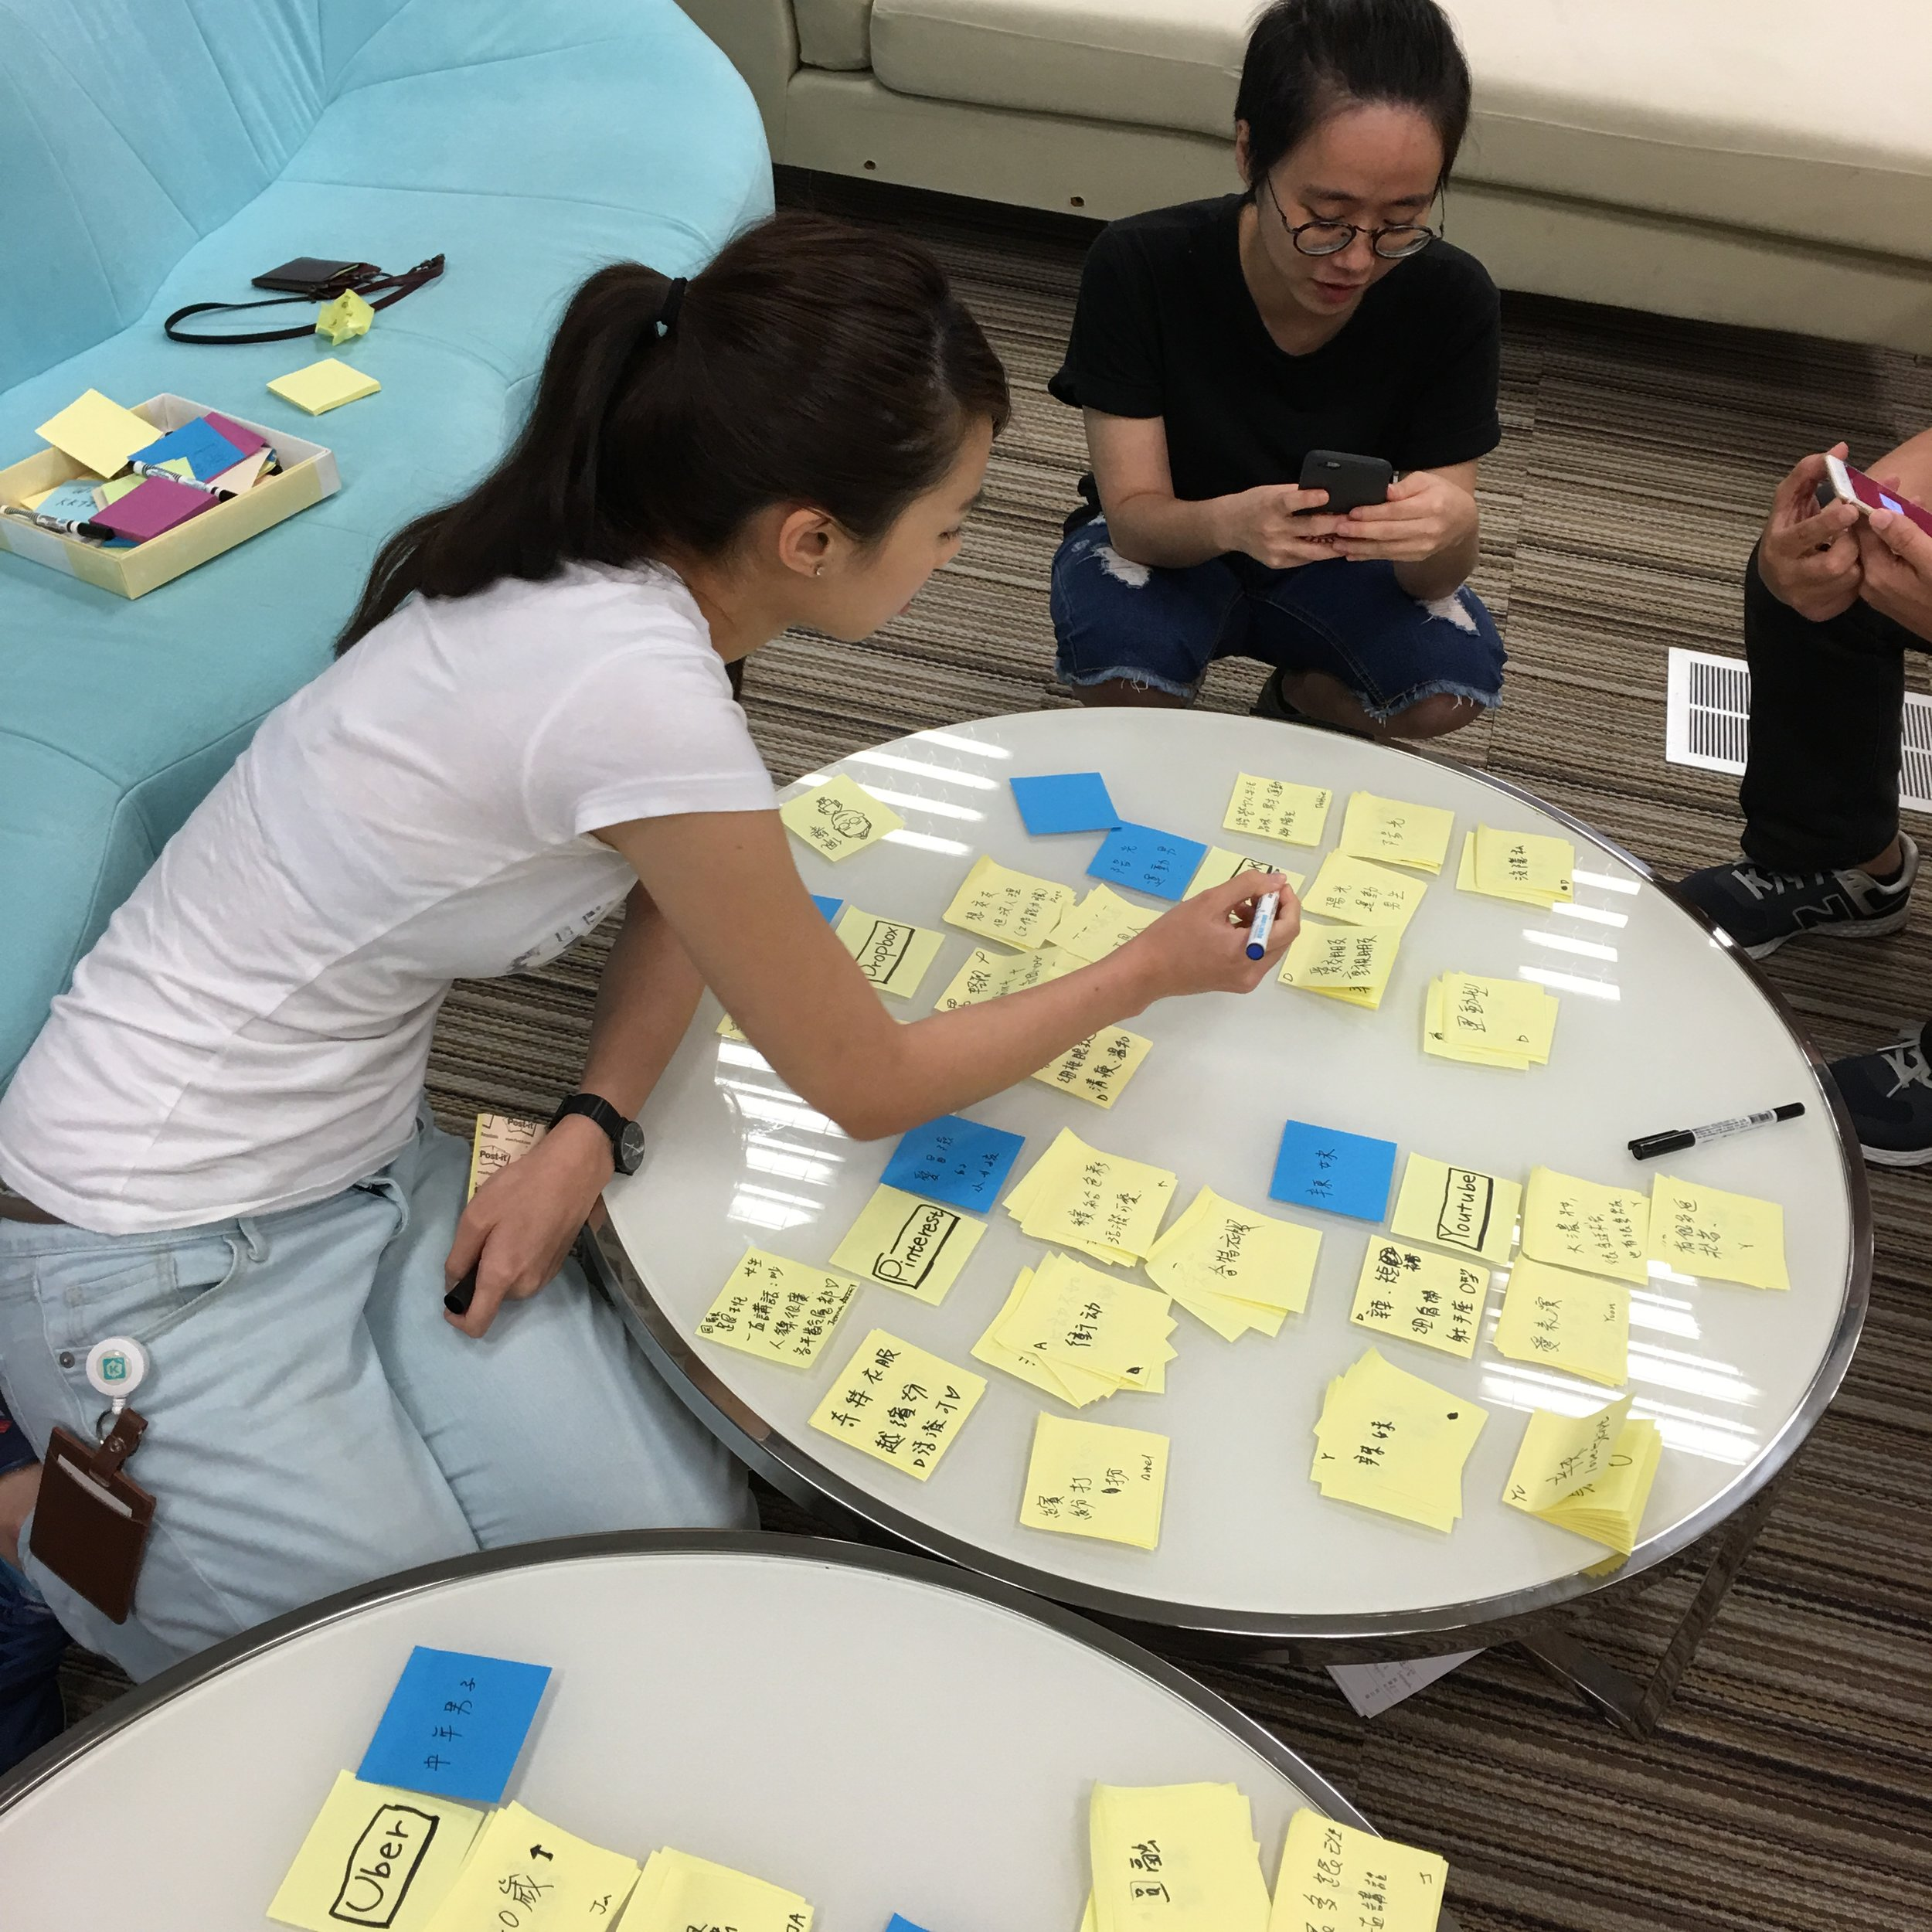 160705-brainstorming.jpg